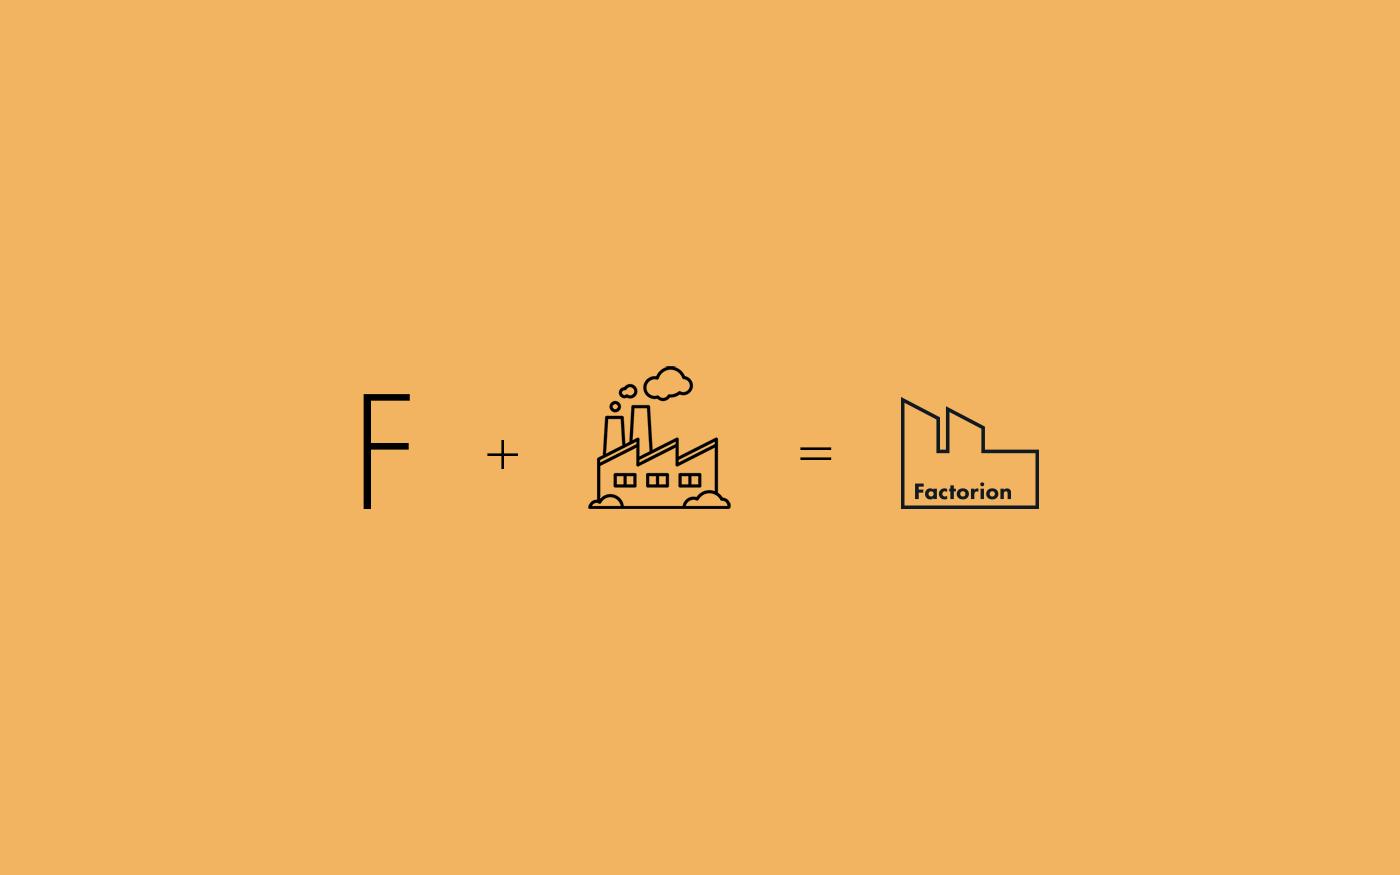 Factorion logo design concept